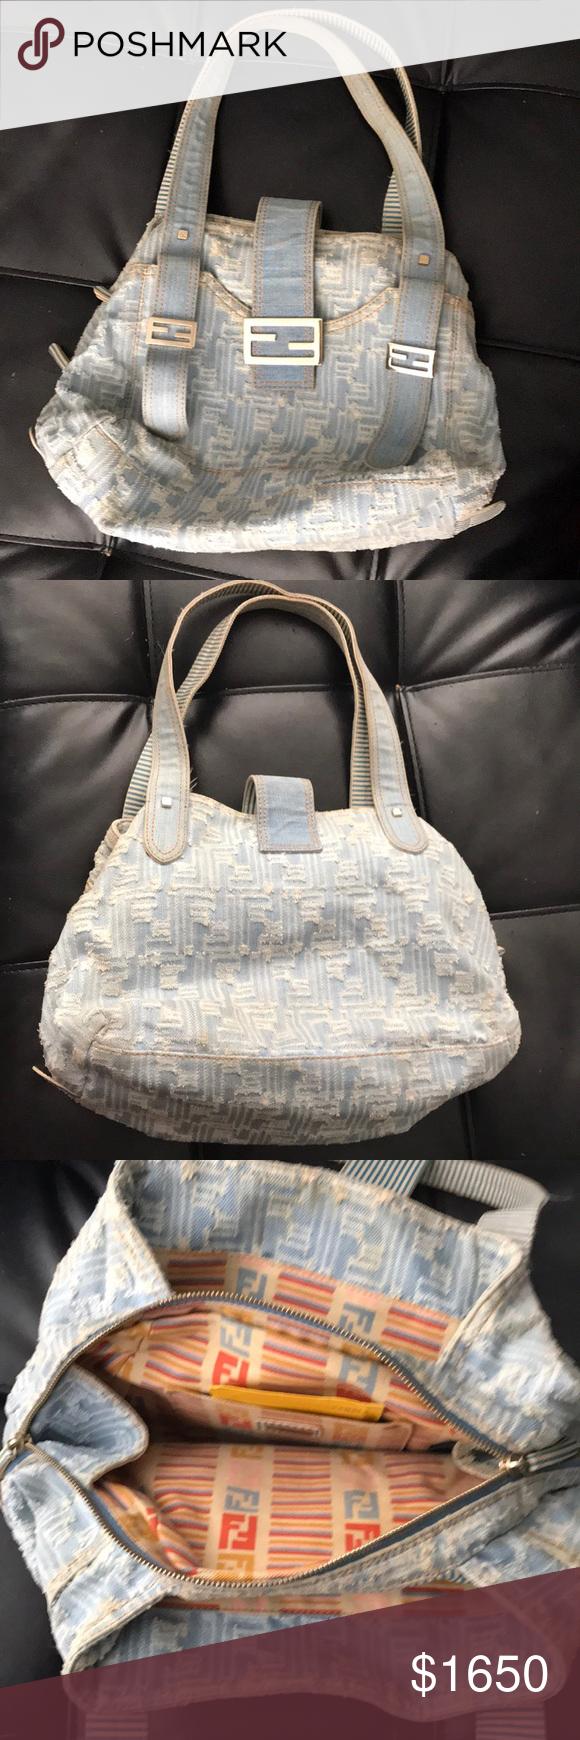 100% Authentic Vintage Fendi 100% Authentic Limited Vintage Fendi Denim Bag  Fendi Bags Shoulder Bags 046de2c351798